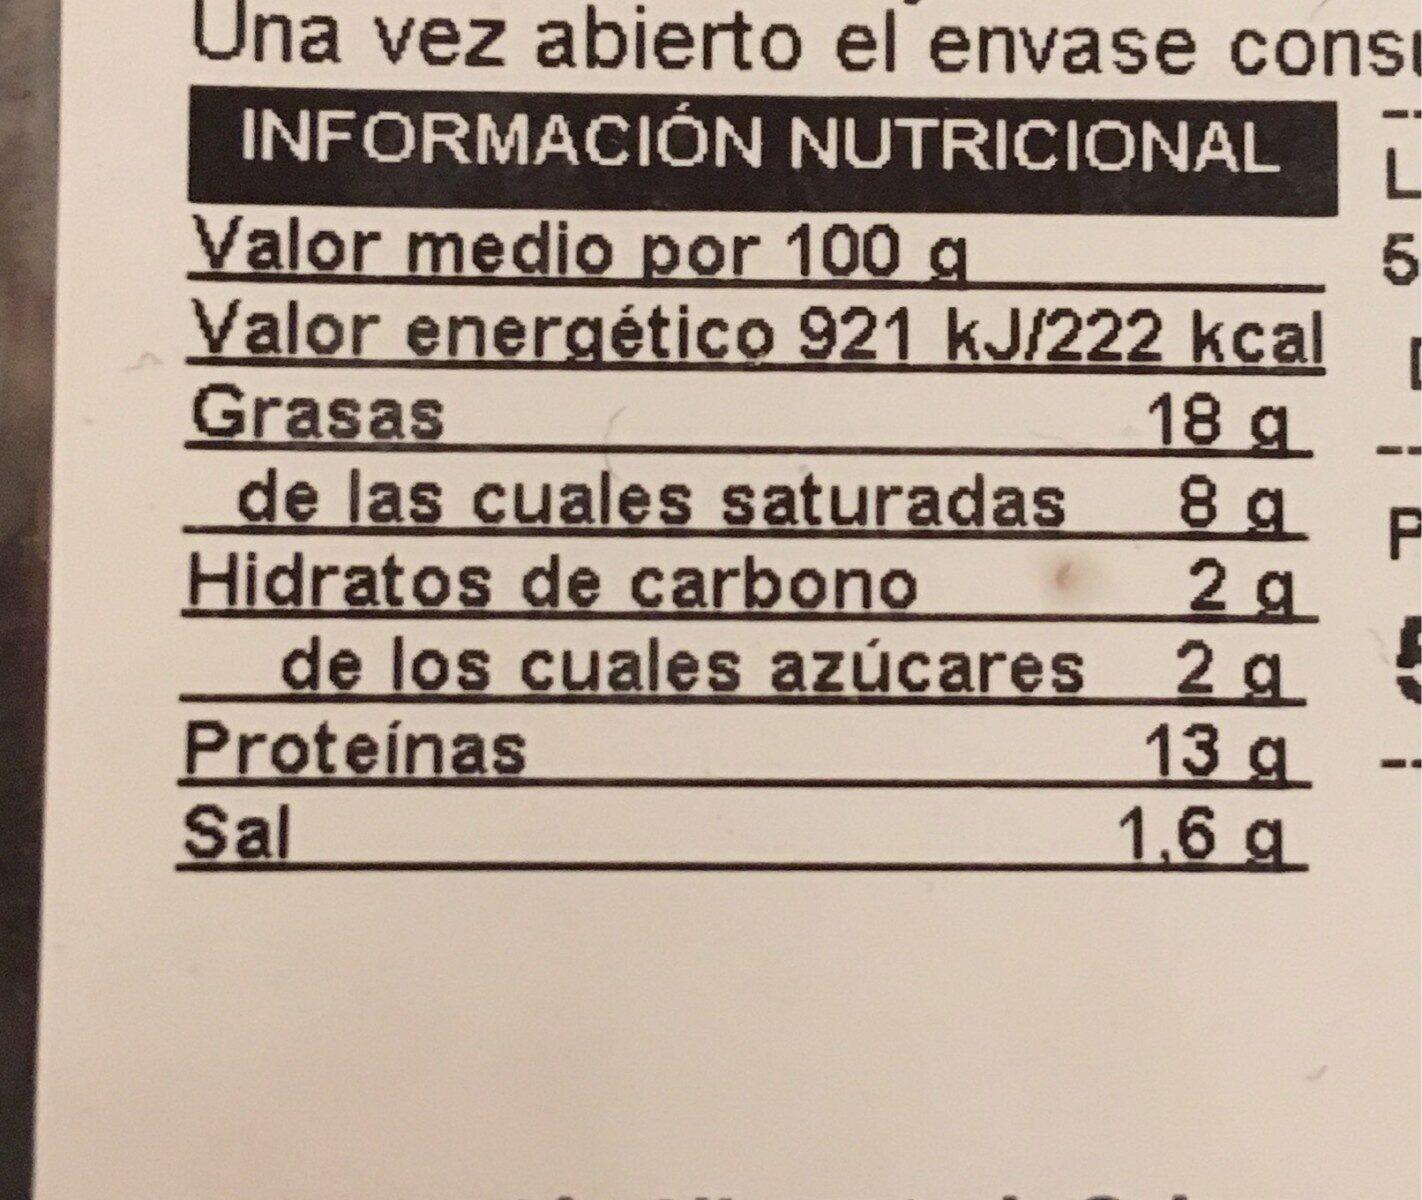 Butifarra con setas - Nutrition facts - es